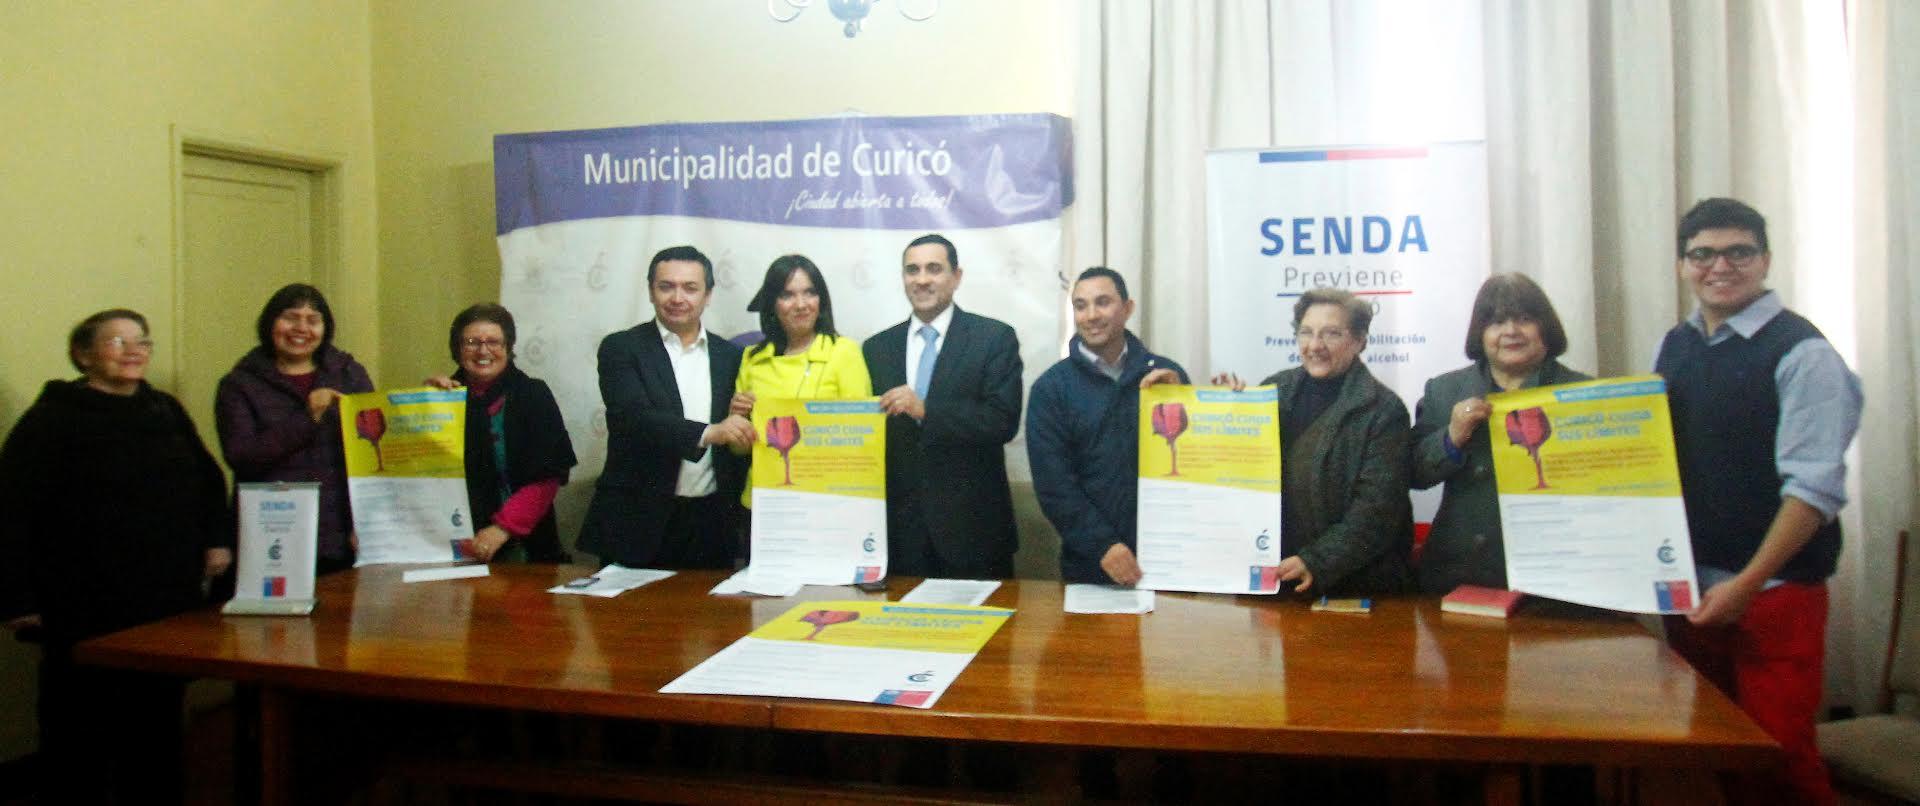 Se lanzó primer fondo concursable 'Curicó, Cuida sus Límites'